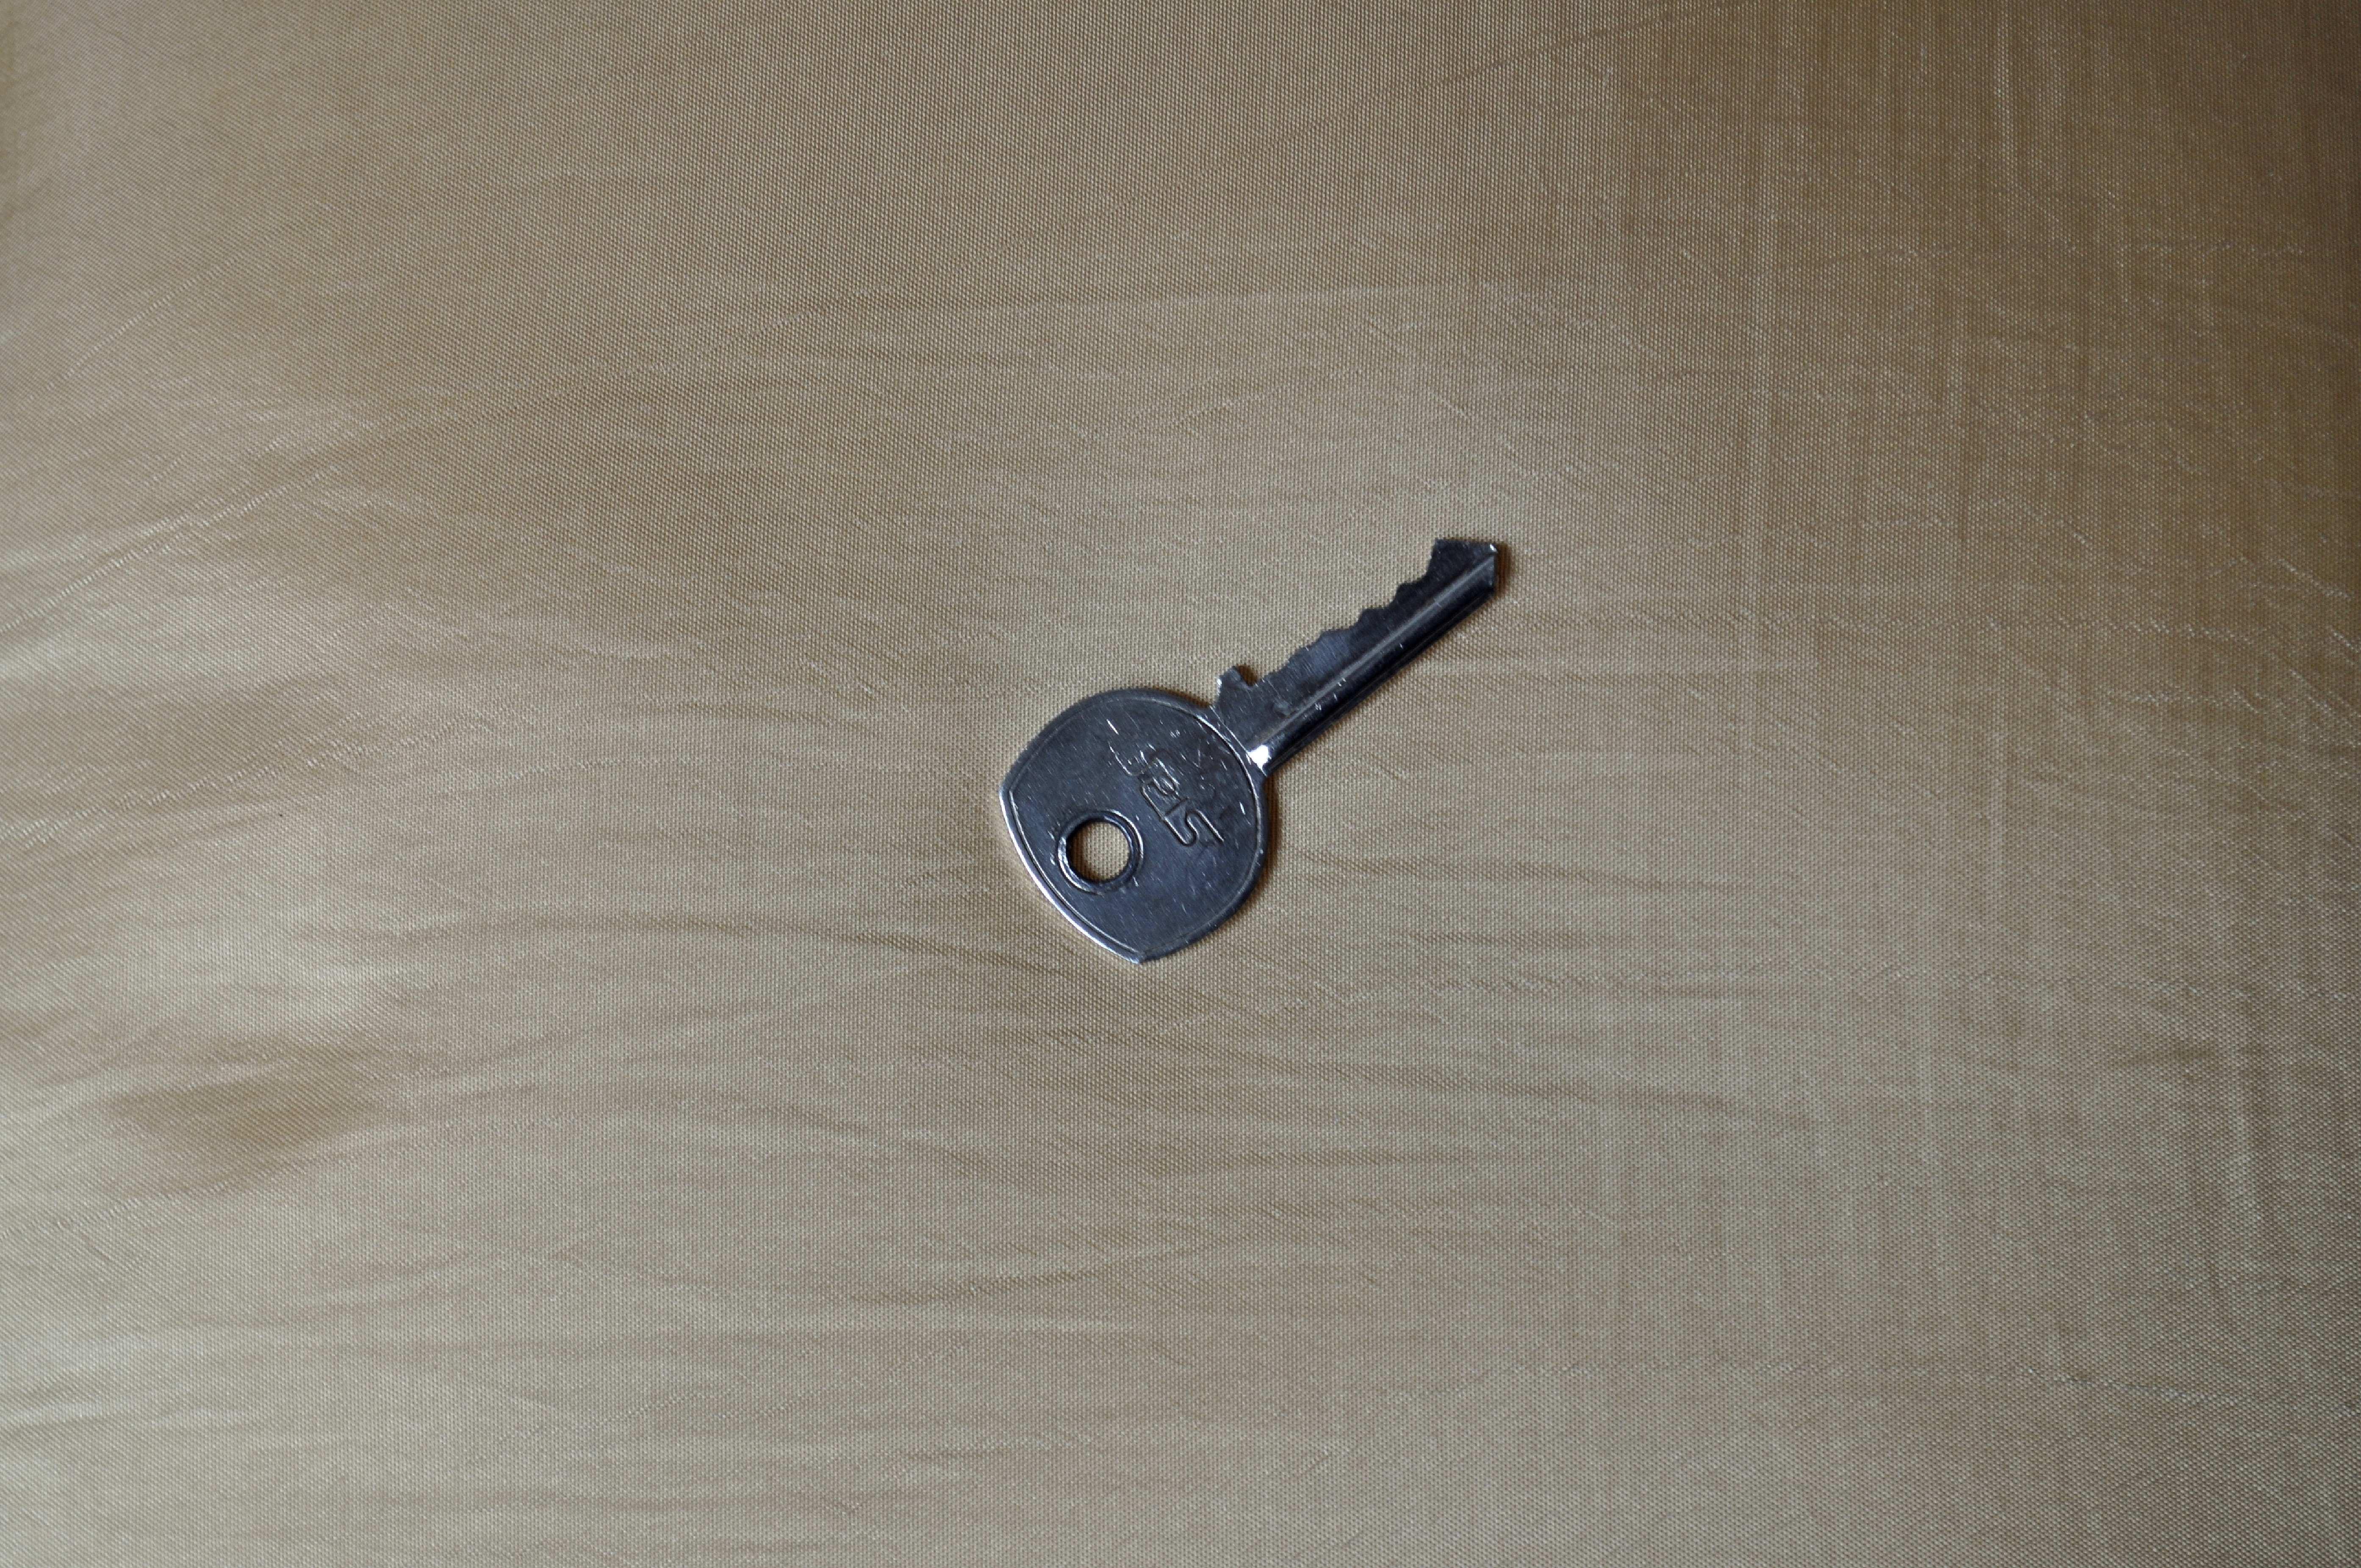 Free photograph; metal, key, locking